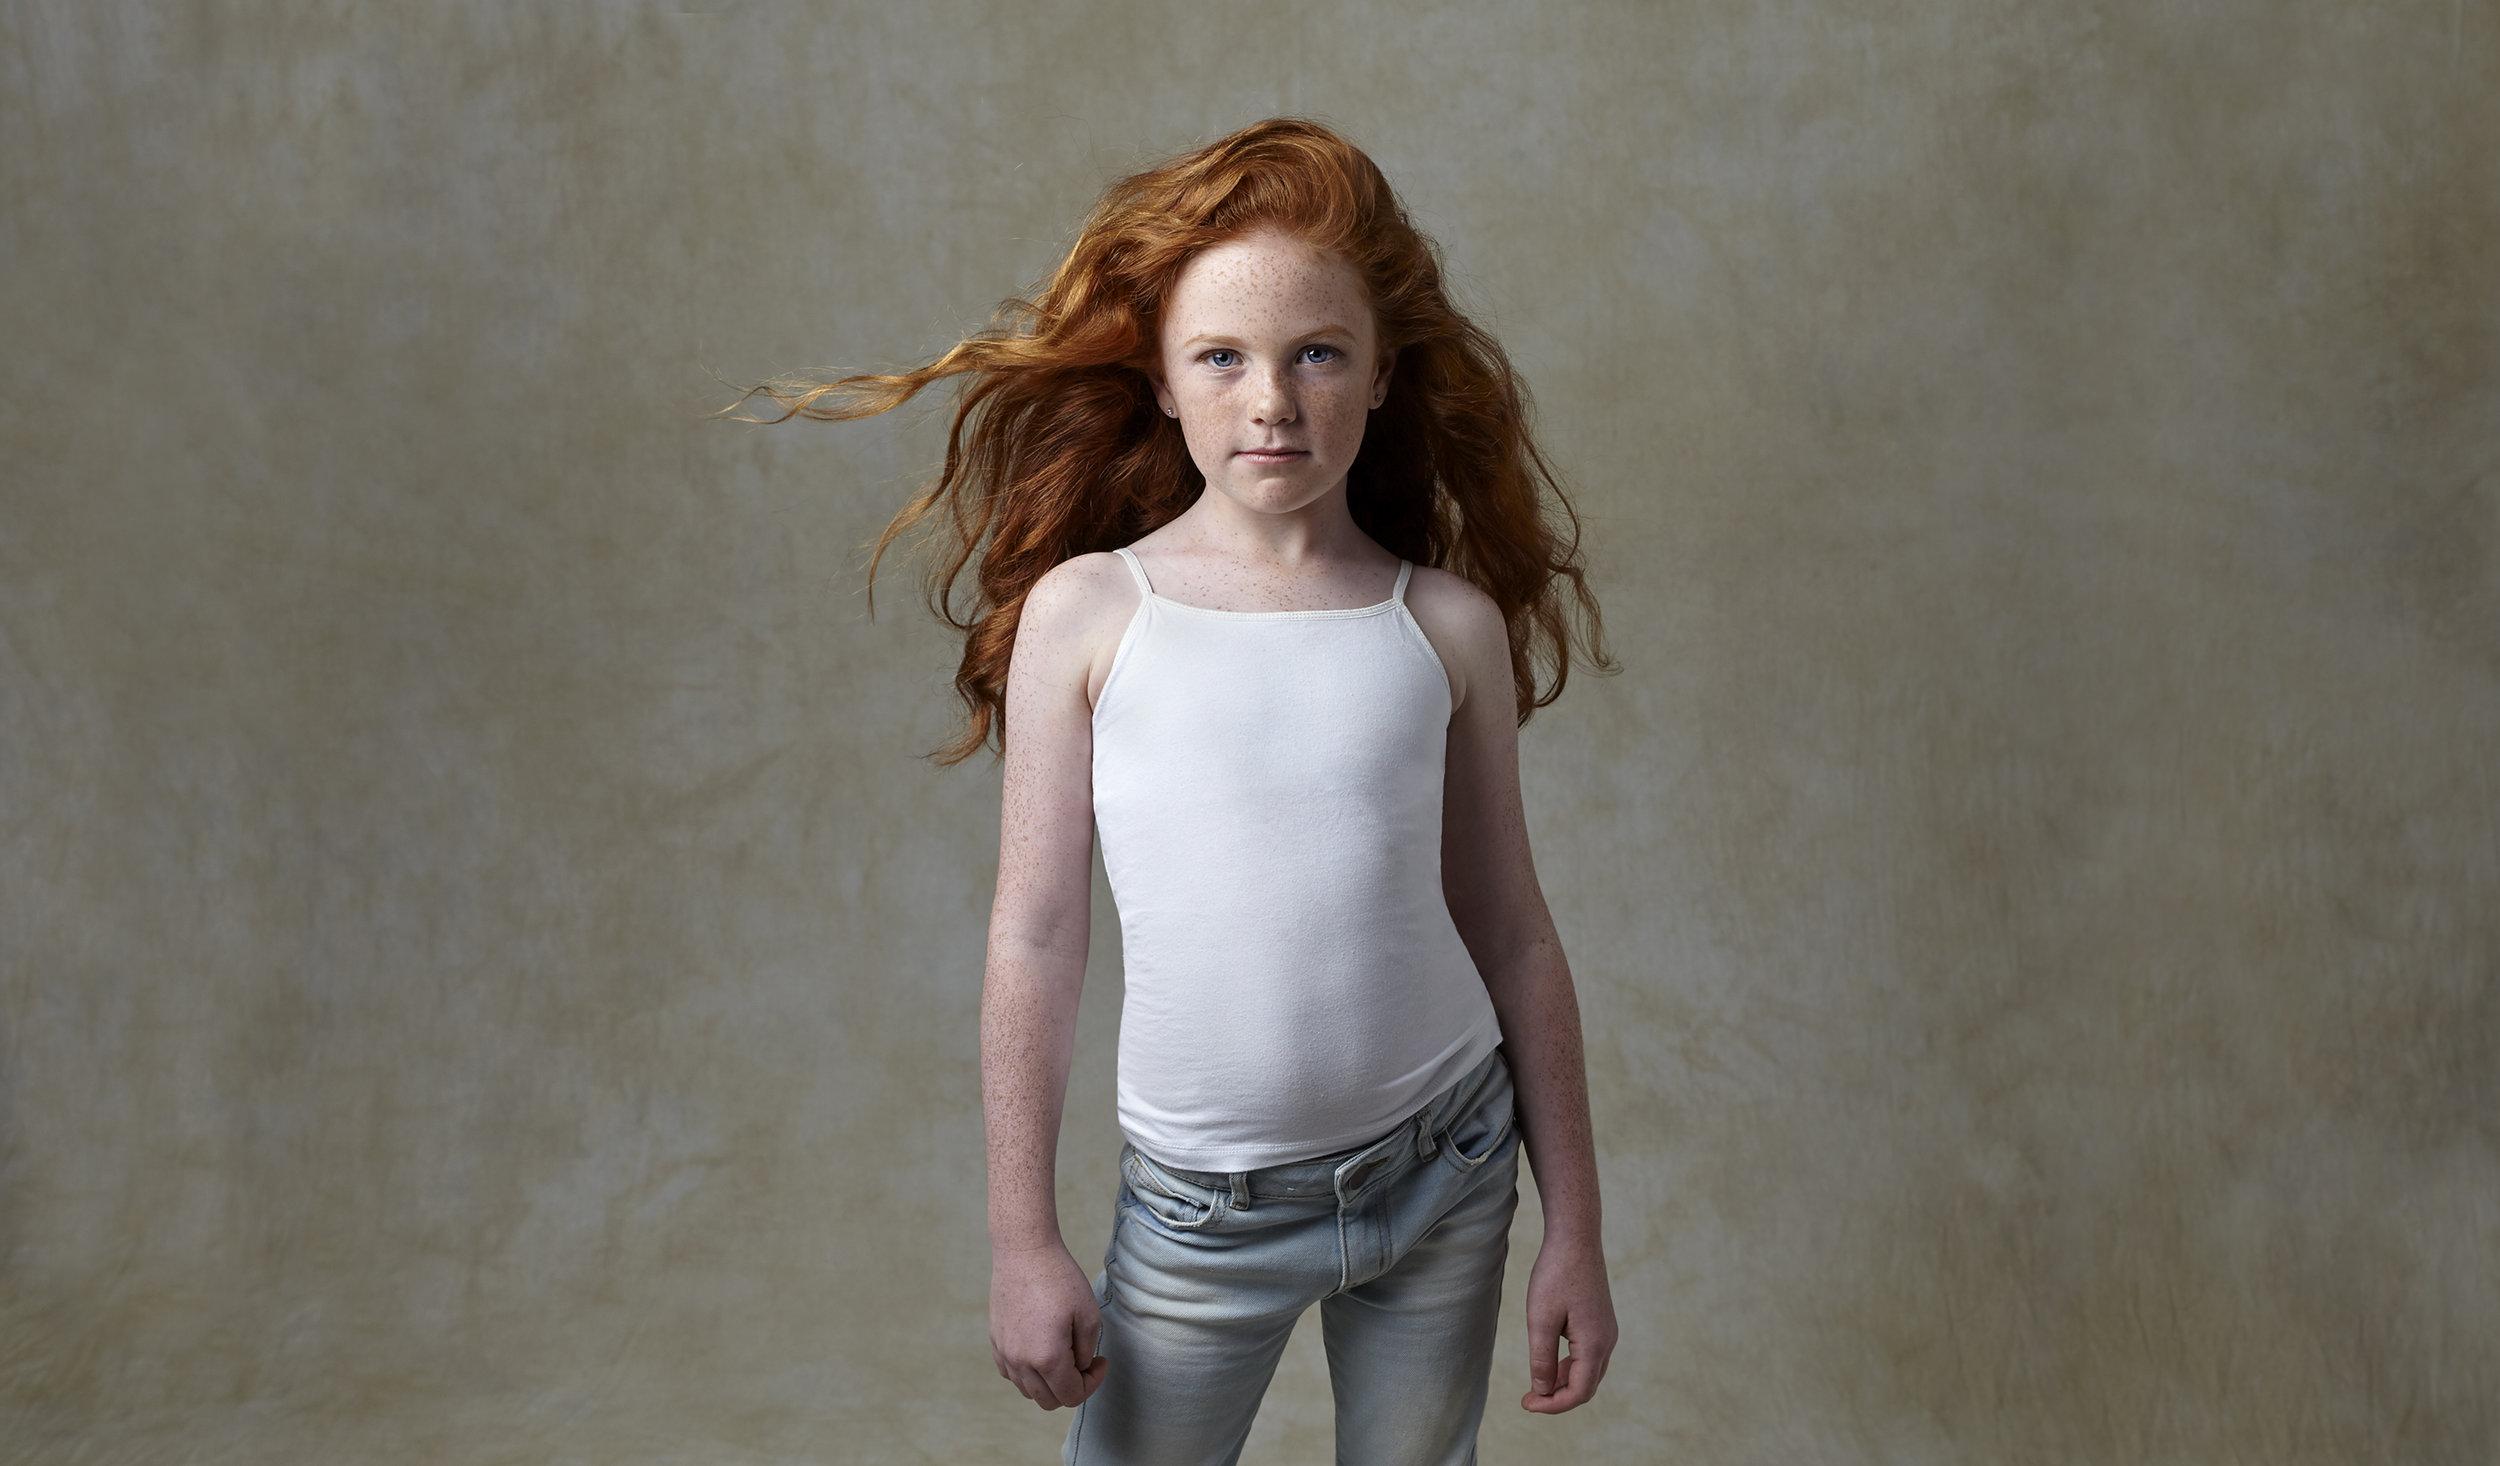 ©Bianca Turri - Australian portrait photographer